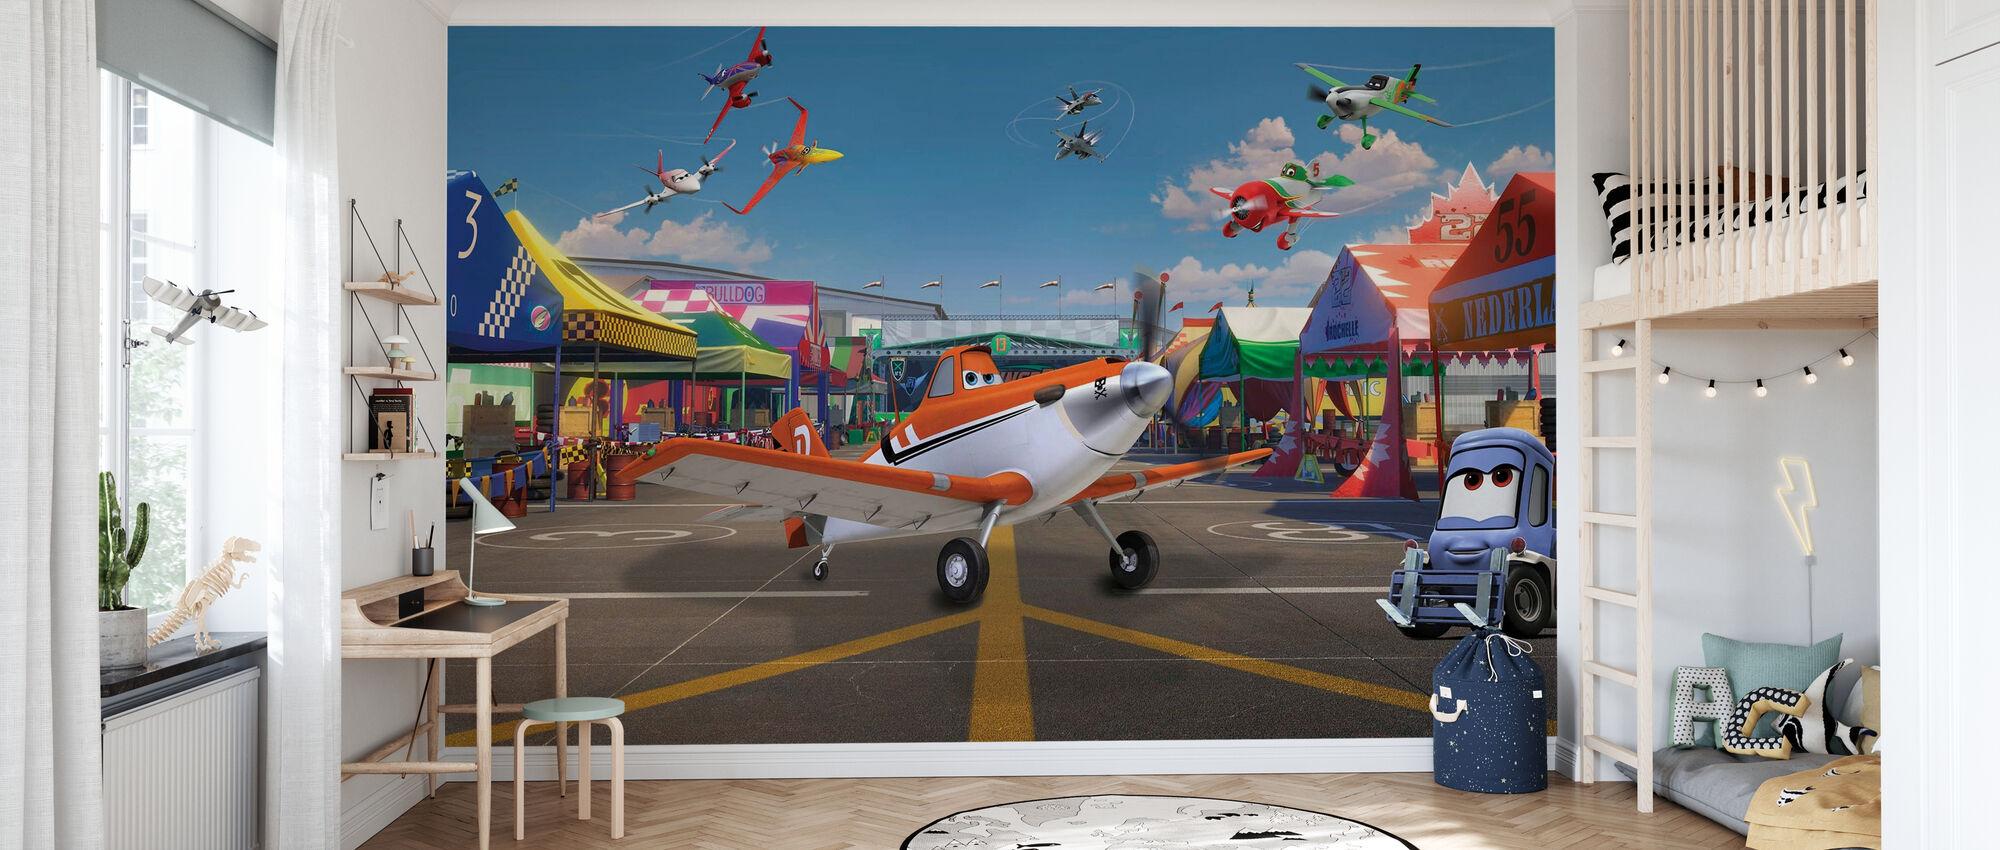 Lentokoneet - pölyinen lentokoneessa - Tapetti - Lastenhuone